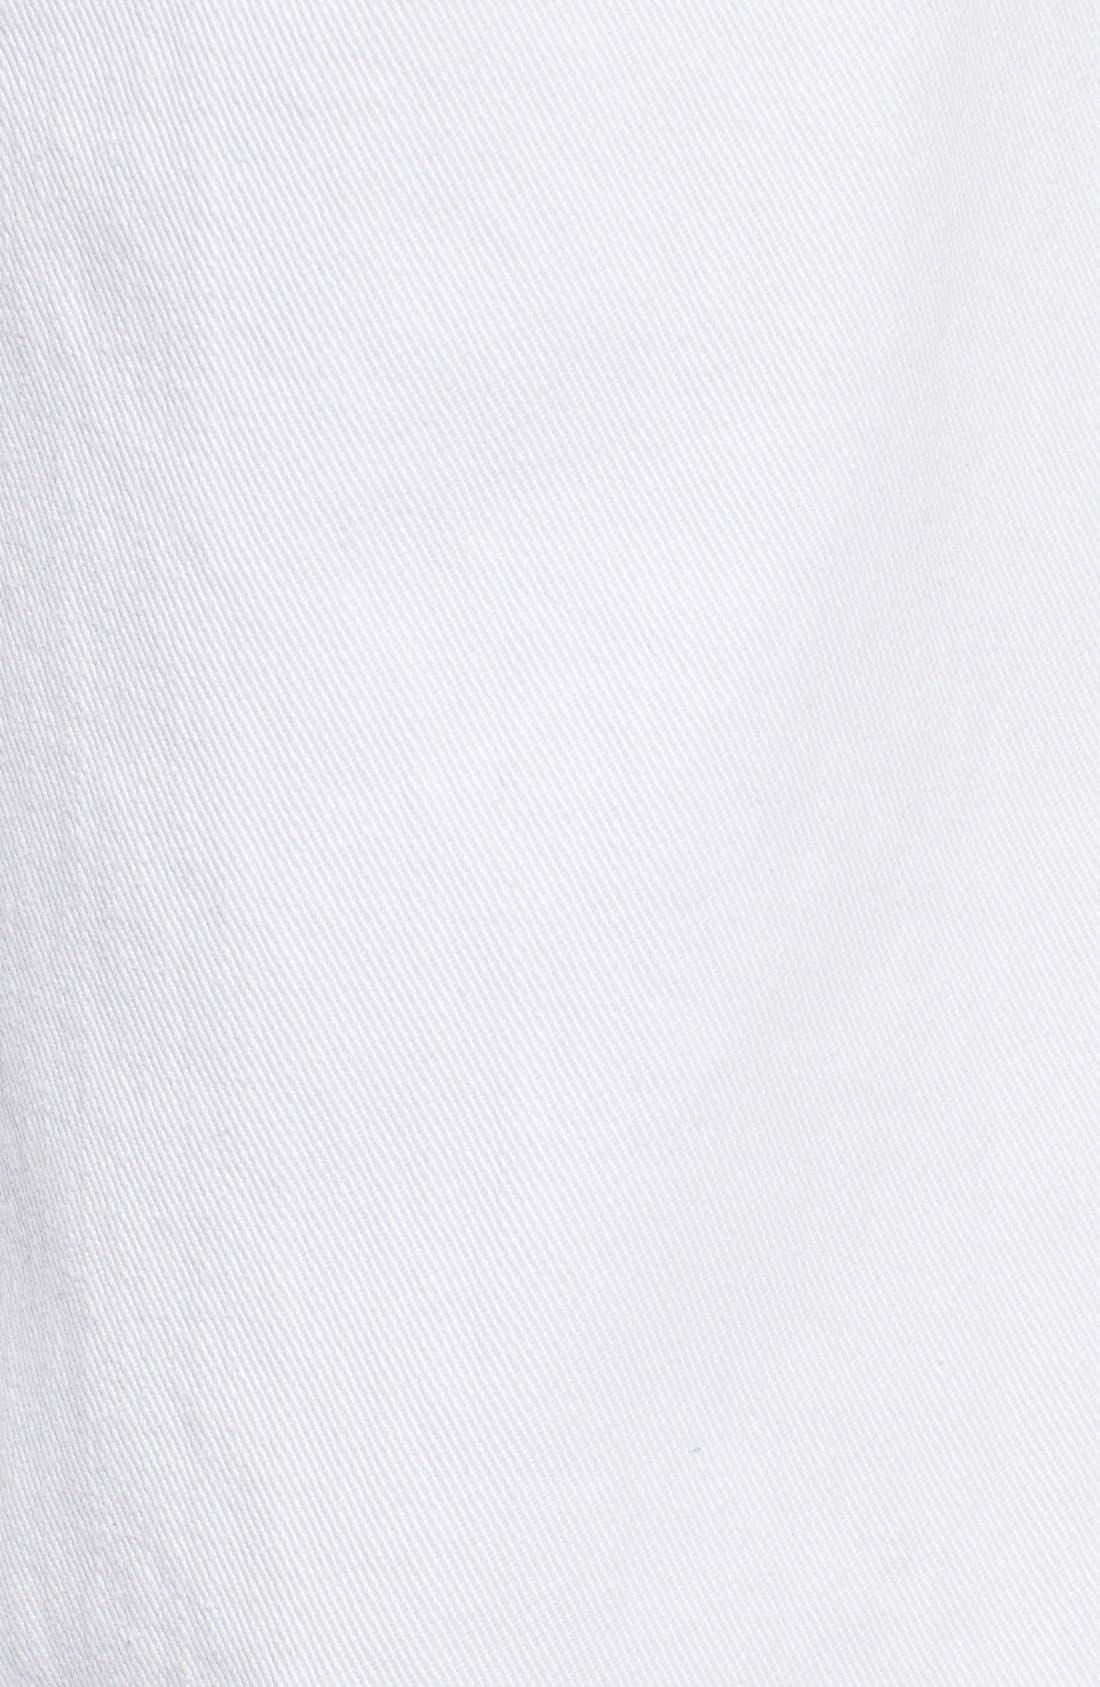 'Libby' Wide Leg Sailor Jeans,                             Alternate thumbnail 3, color,                             100